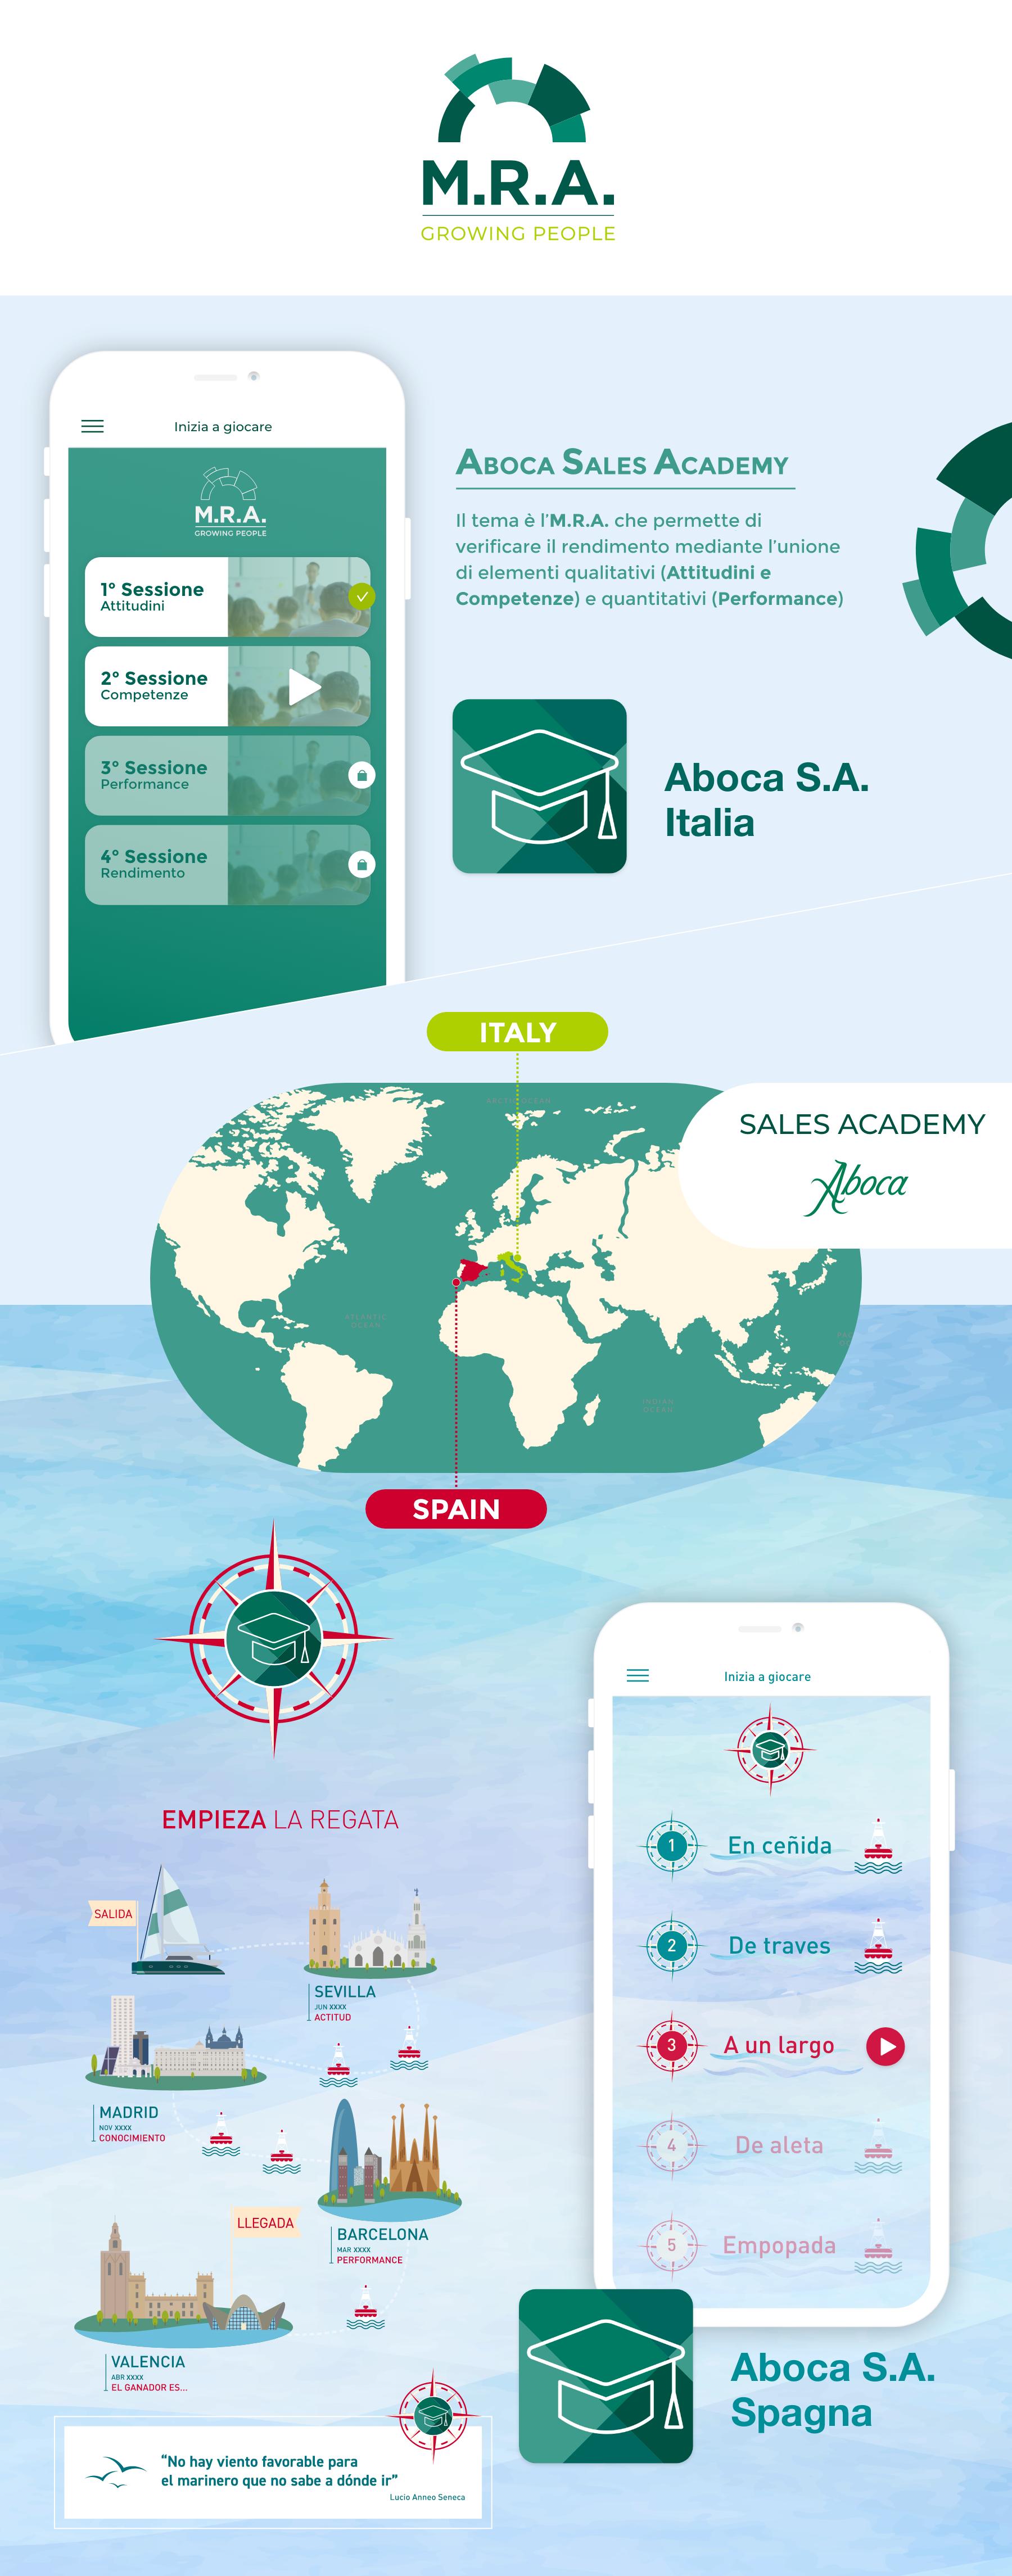 2 App per Aboca Italia e Spagna Il 2019 rappresent...